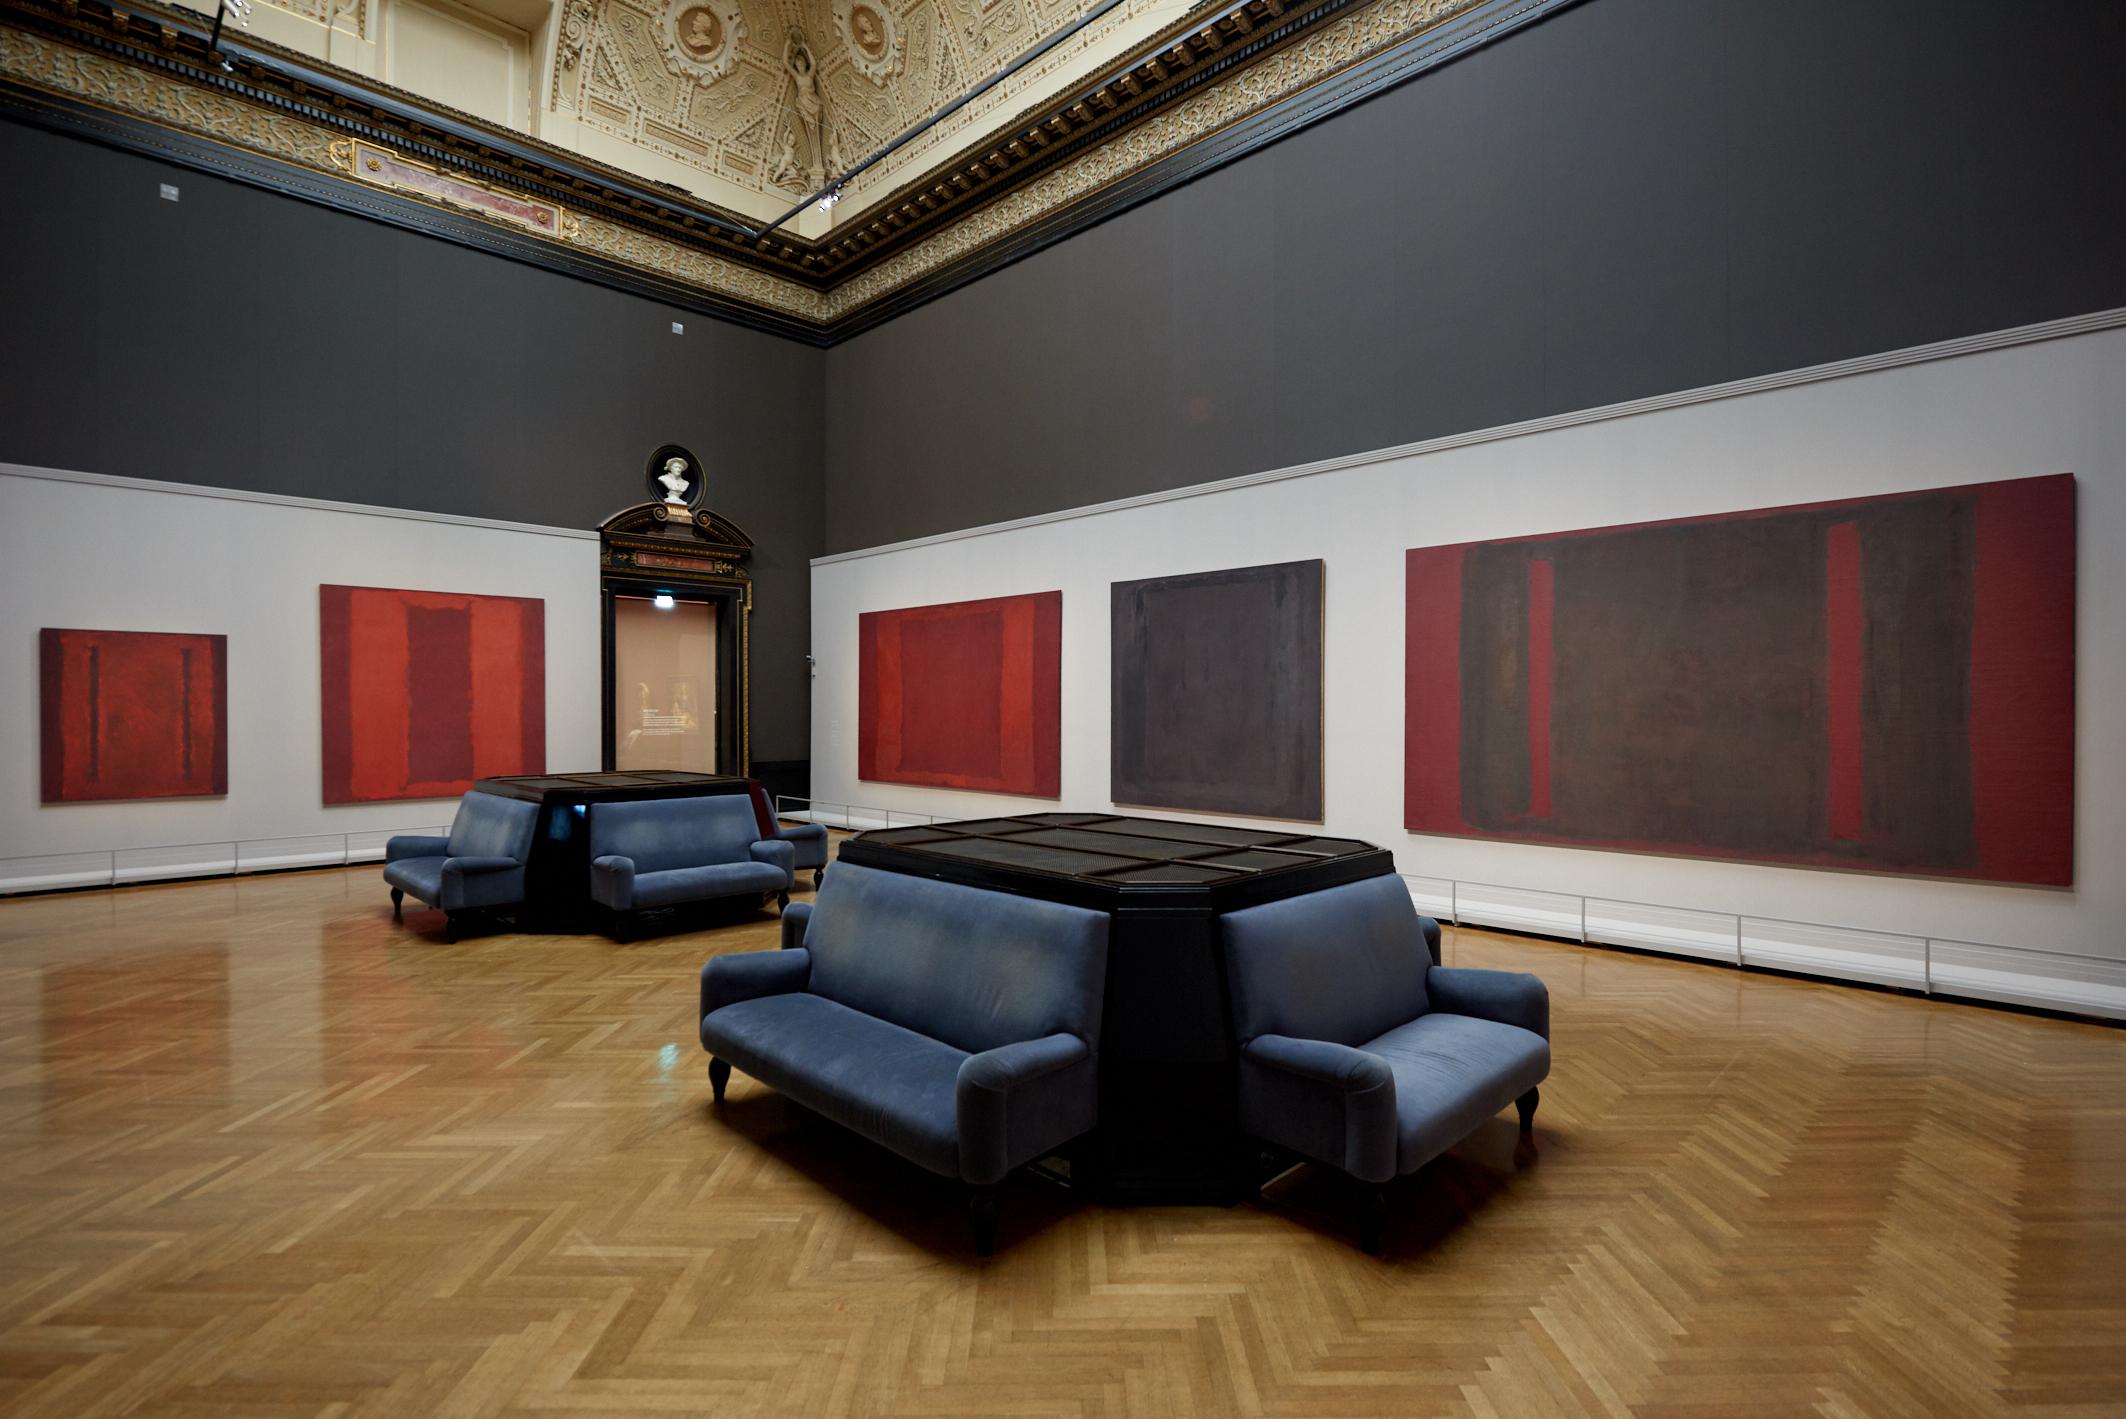 Ak rozumiete sebe, budete rozumieť aj Rothkovi. Vo Viedni je výstava maliara, pri ktorom diváci plačú